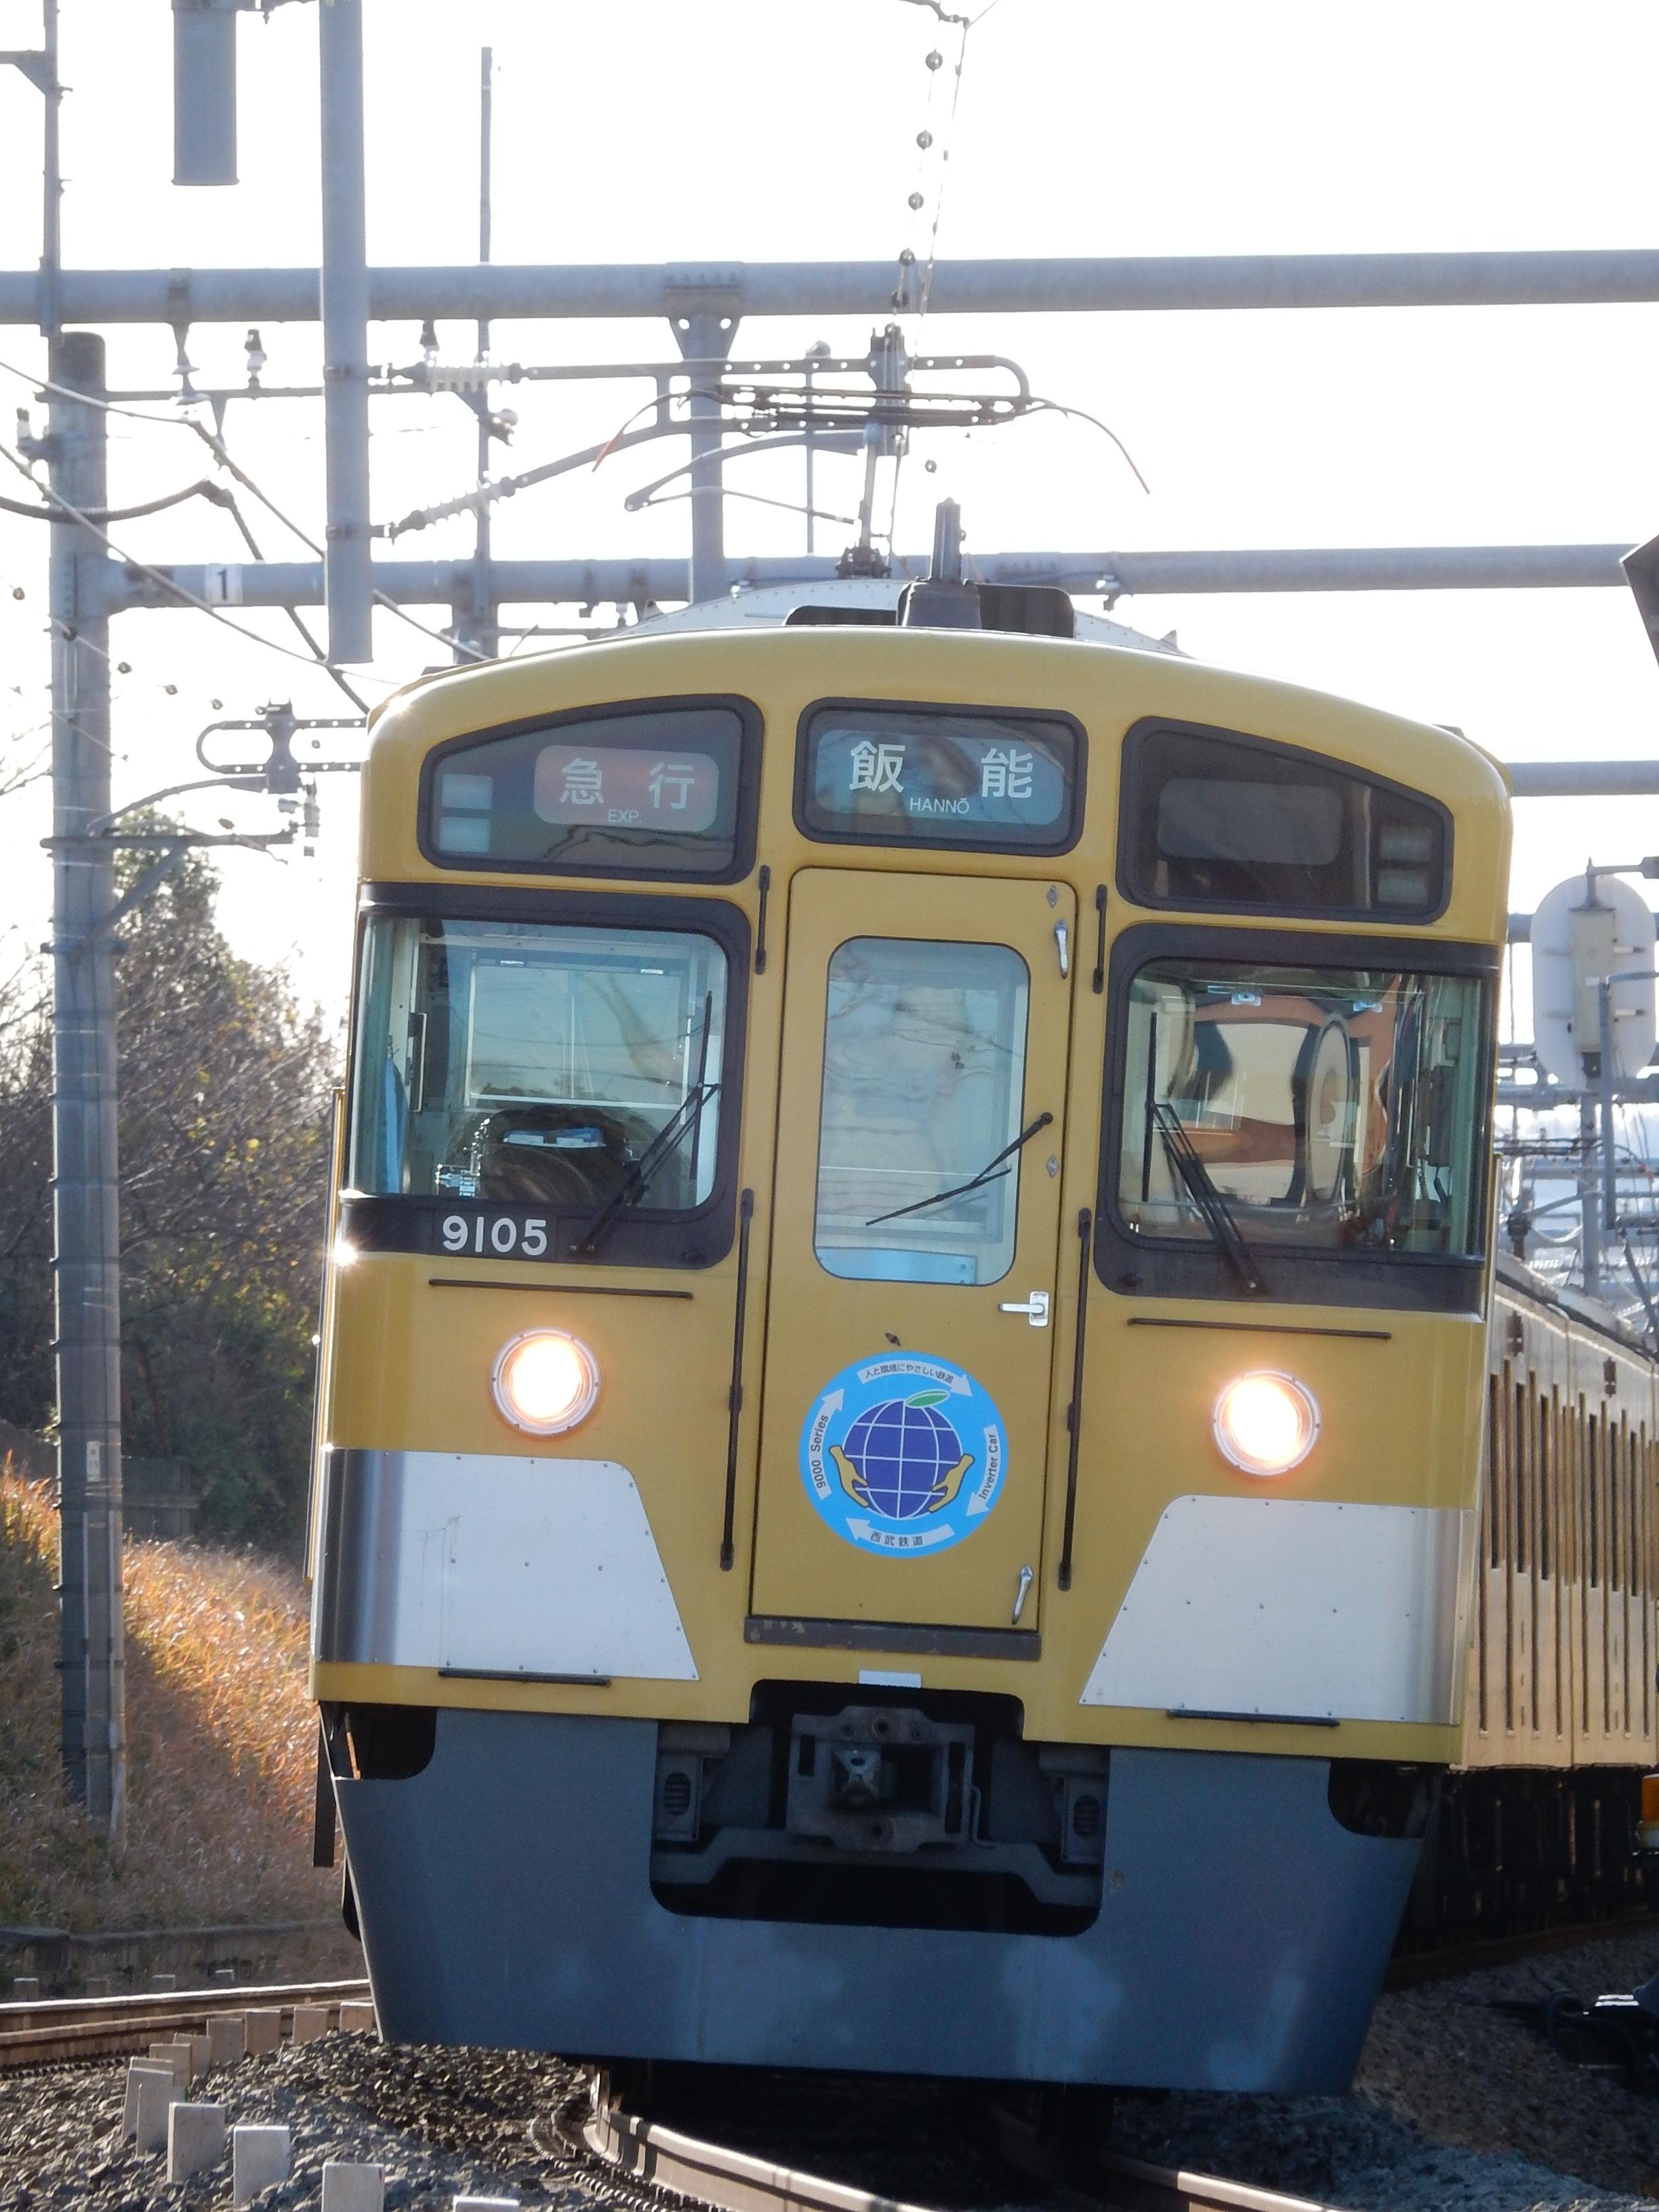 DSCN9168.jpg